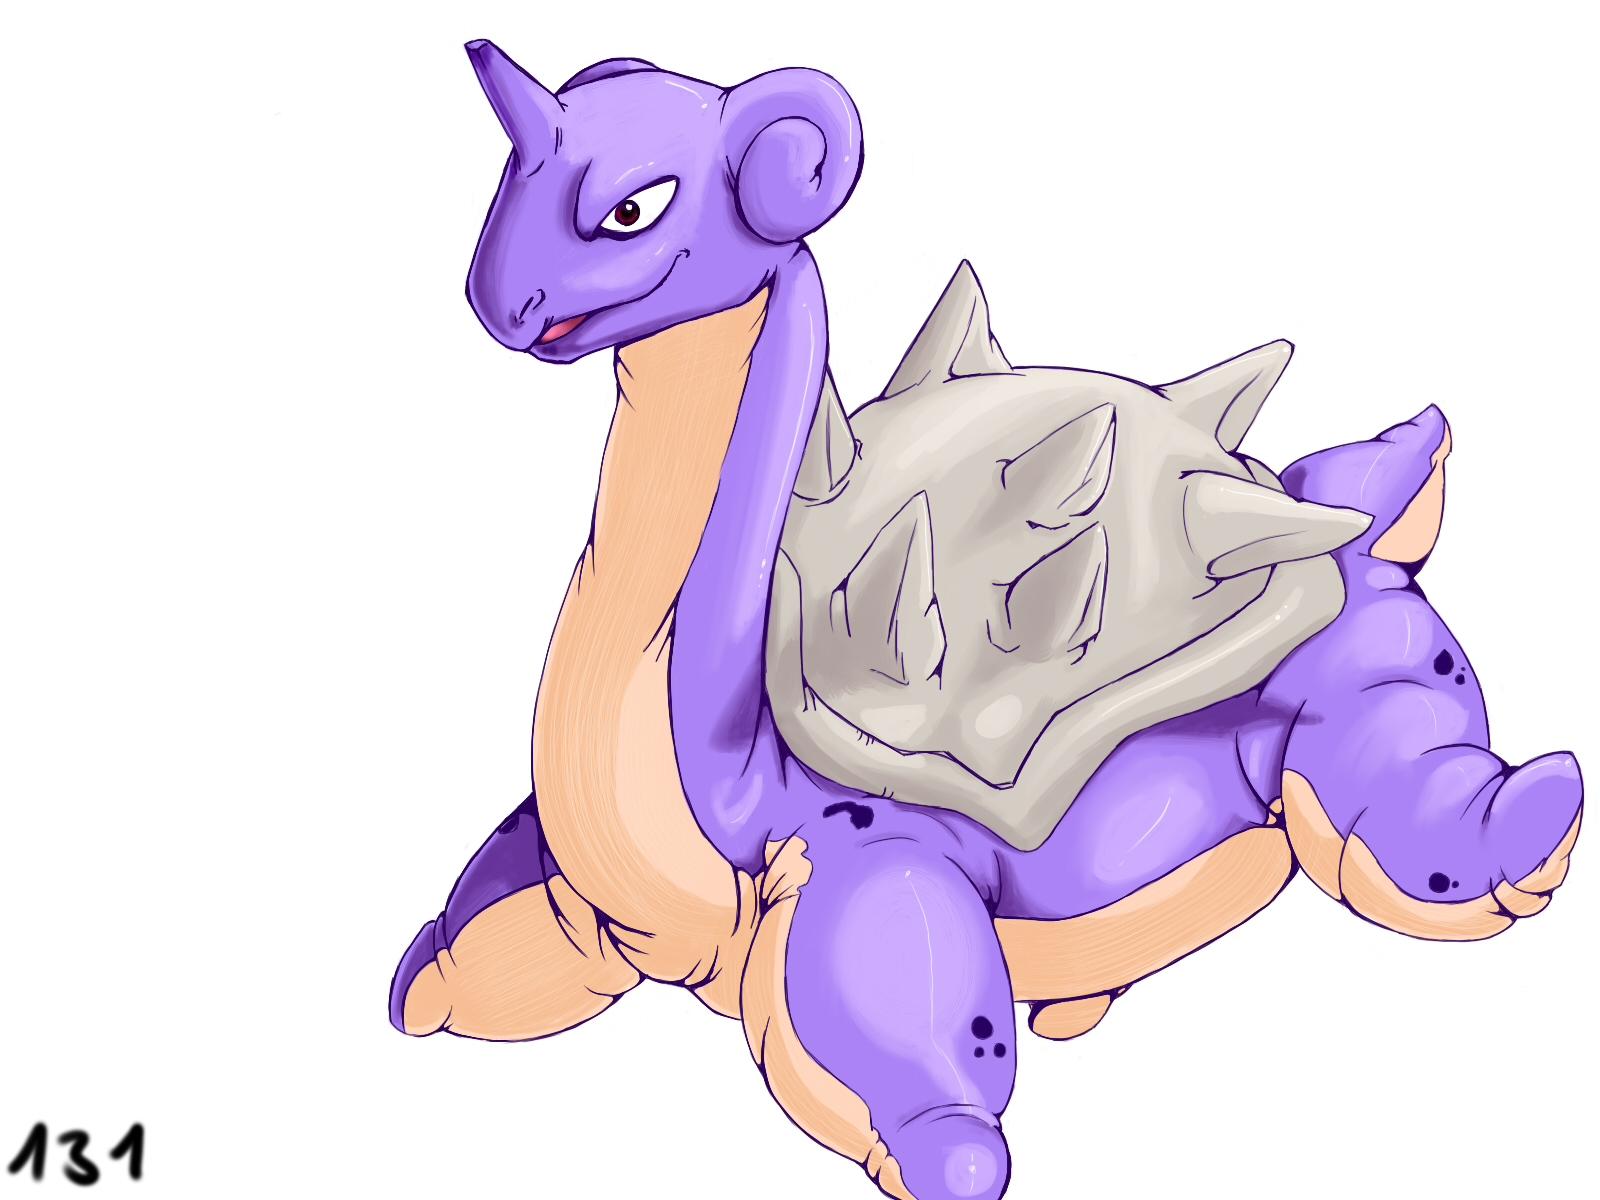 Pokémon-Zeichnung: 131 shiny